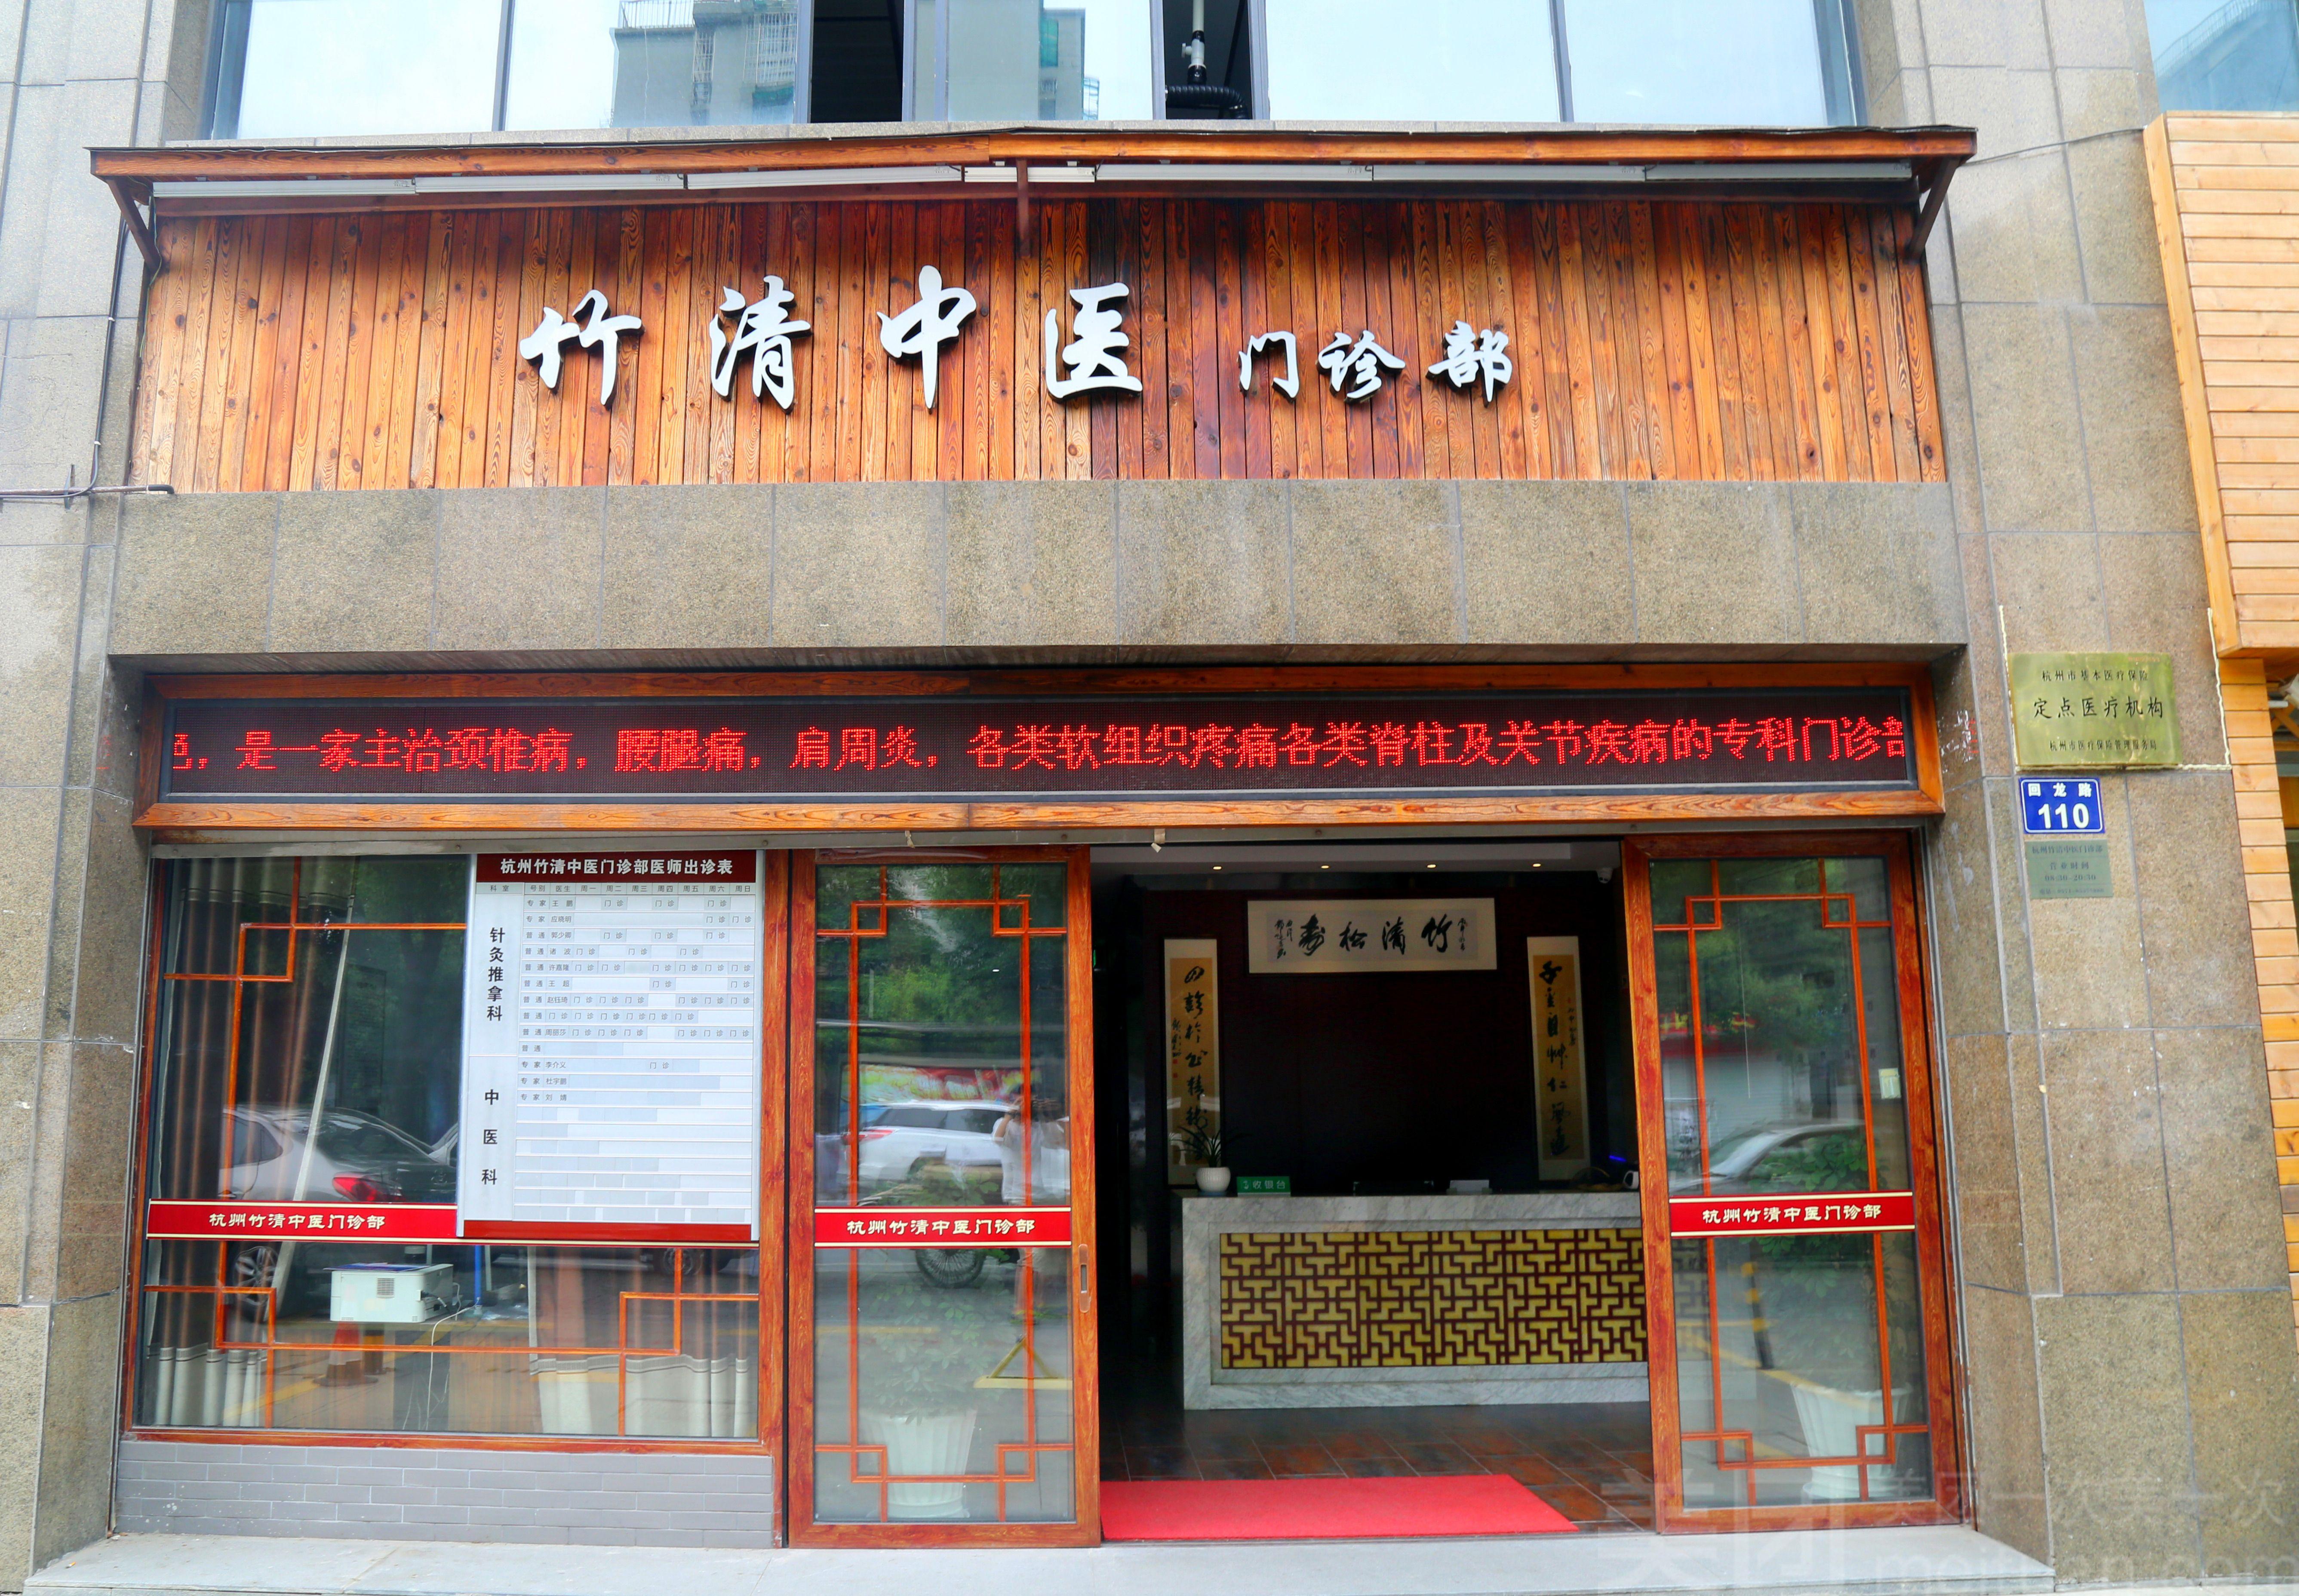 问下北京的朋友,那个北京京师中医院是骗人的吗? 多发...